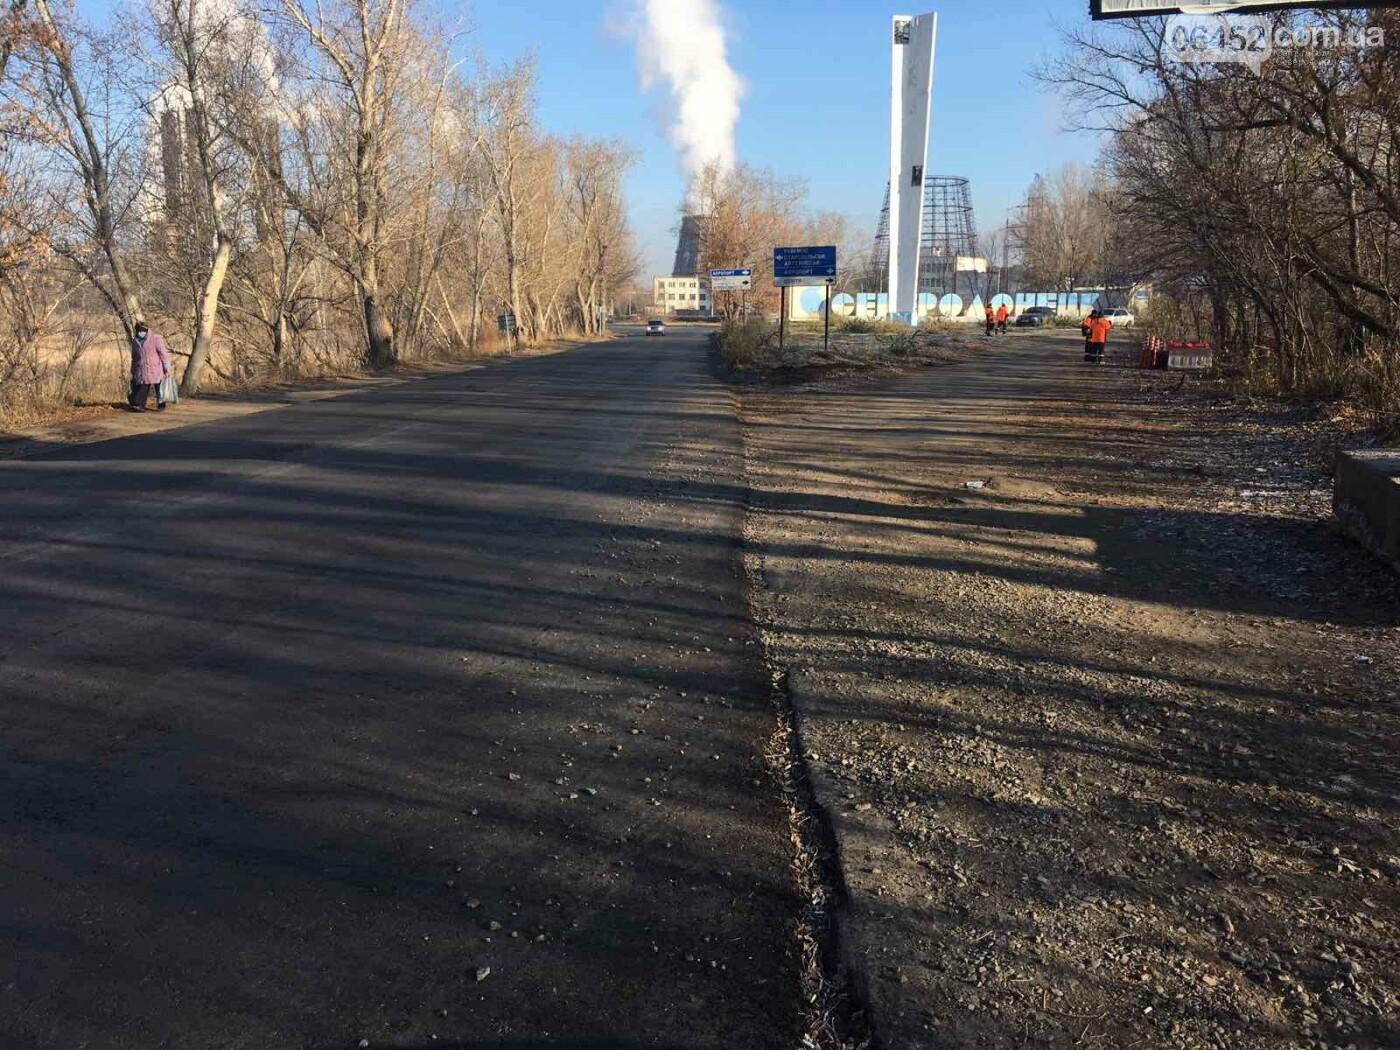 Пойменный мост между Северодонецком и Лисичанском готовят к открытию (фото), фото-5